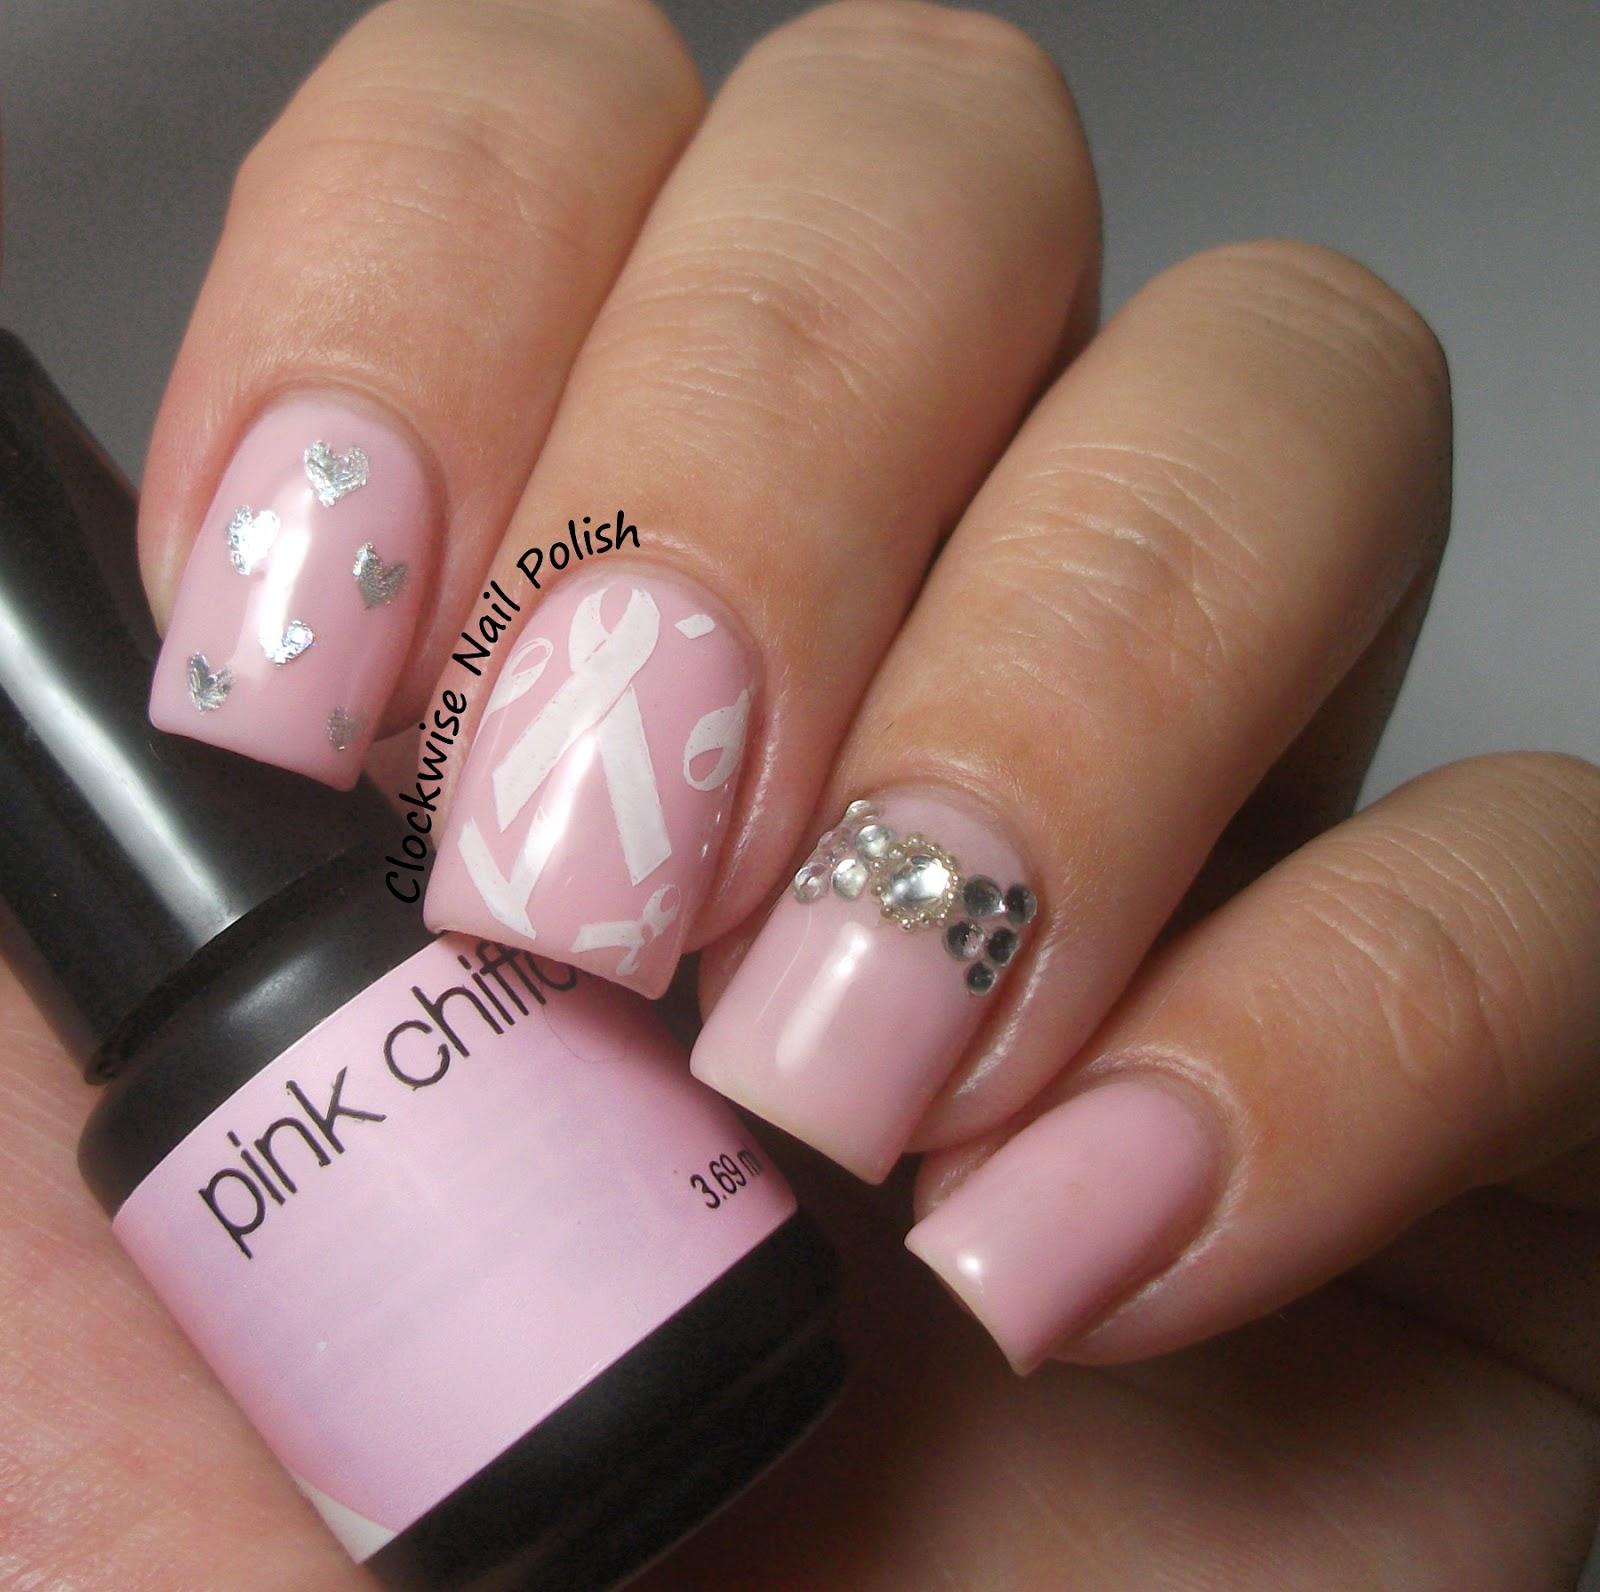 Breast cancer toe nail designs nail art gallery breast cancer awareness nail art photos breast cancer toe nail designs prinsesfo Images